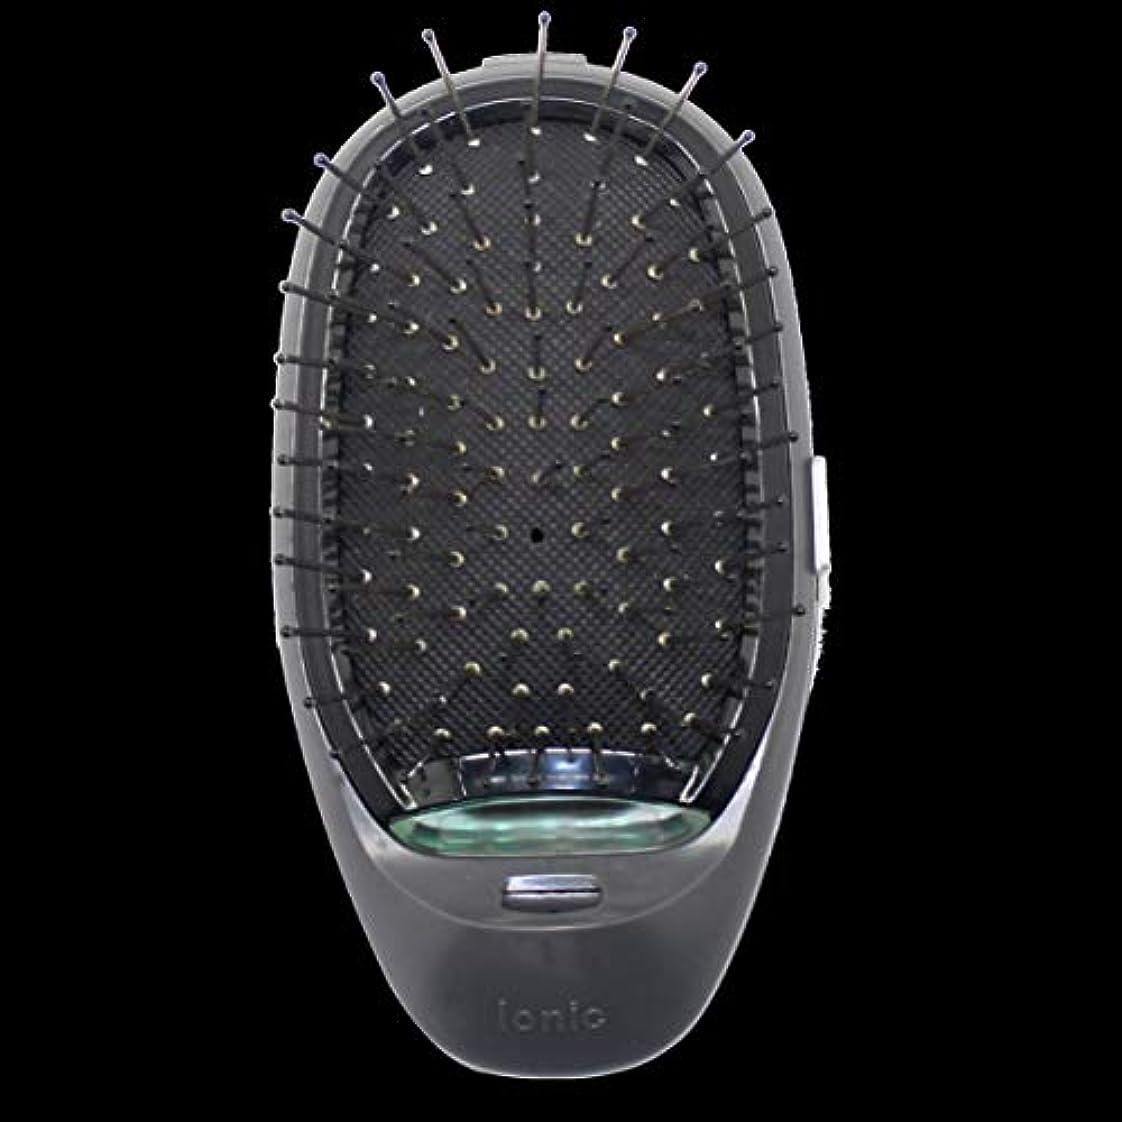 晩餐レンドアクセス電動マッサージヘアブラシミニマイナスイオンヘアコム3Dインフレータブルコーム帯電防止ガールズヘアブラシ電池式 - ブラック